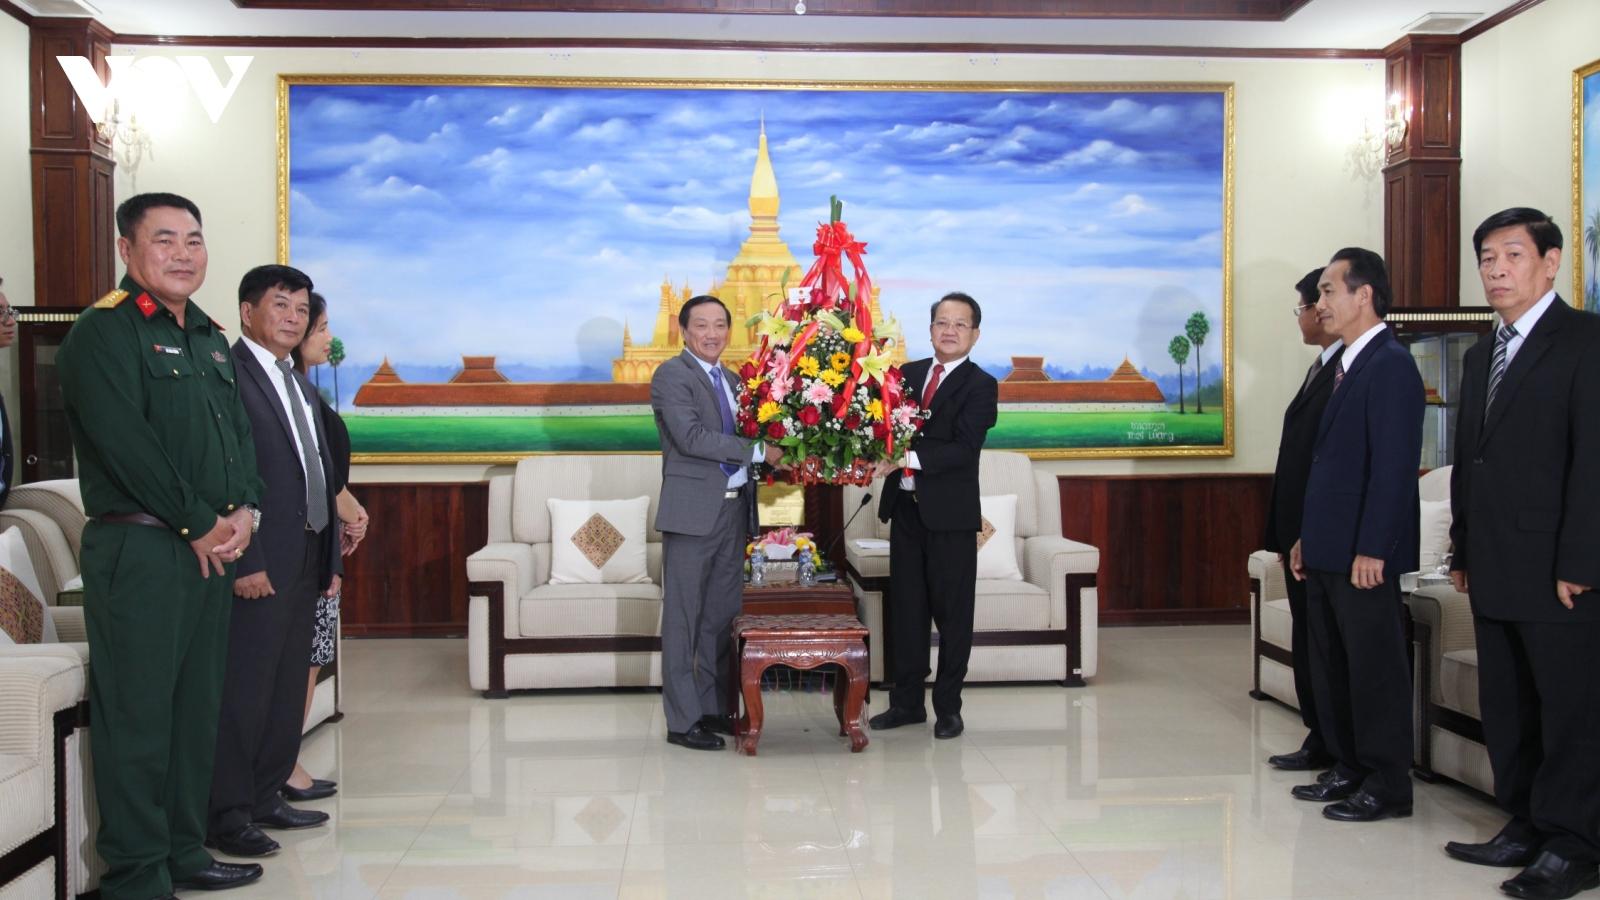 Chúc mừng 66 năm ngày thành lập Đảng nhân dân Cách mạng Lào